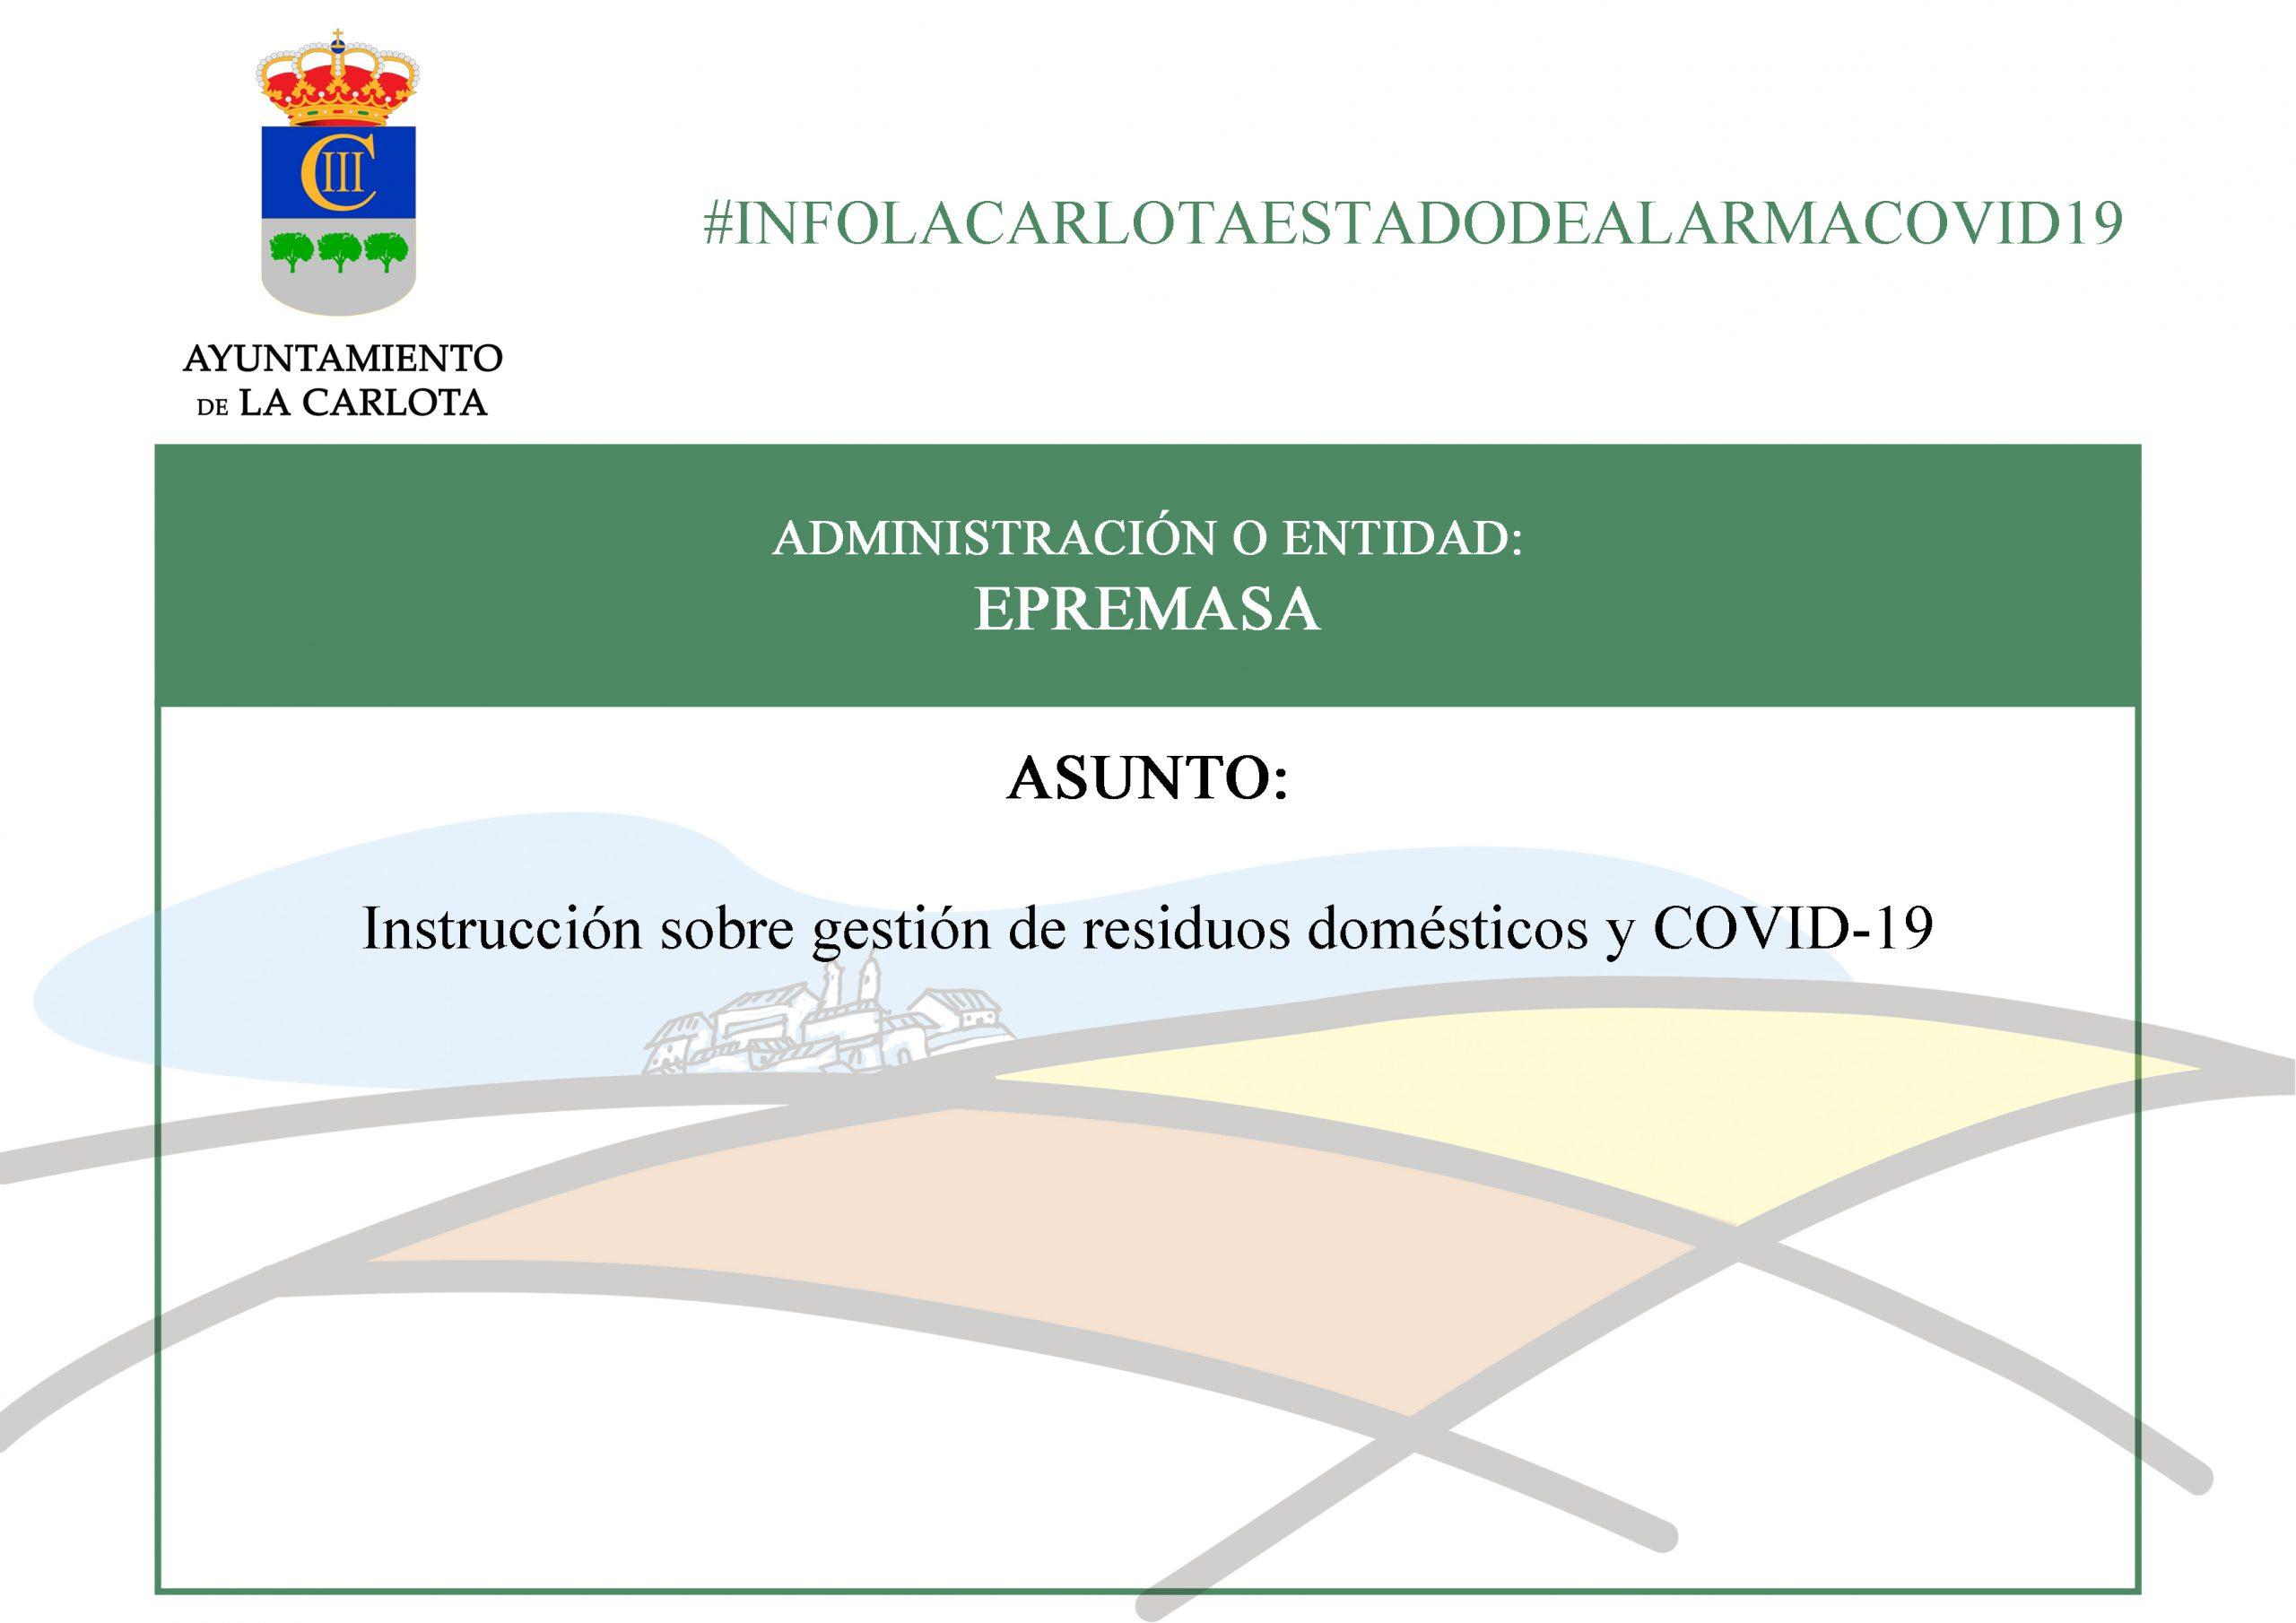 #INFOLACARLOTAESTADODEALARMACOVID19 INSTRUCCIÓN SOBRE GESTIÓN DE RESIDUOS DOMÉSTICOS Y COVID-19 1